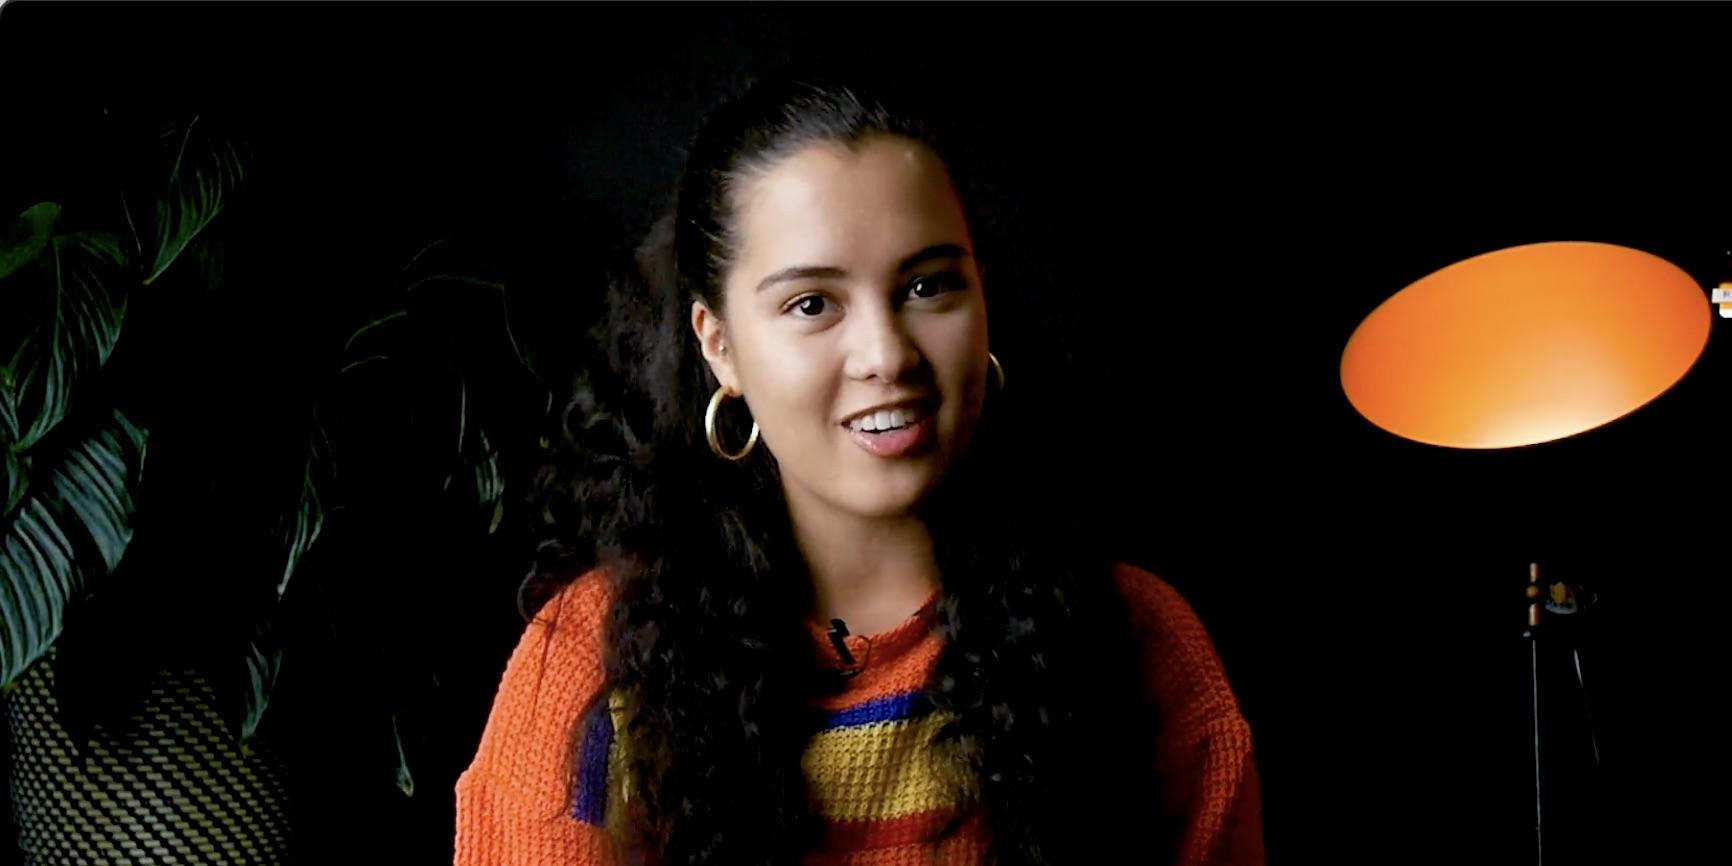 Newcomerin Cachita im Videointerview über die Wahrnehmung als Frau in der Szene, Einflüsse sowie Traum-Features